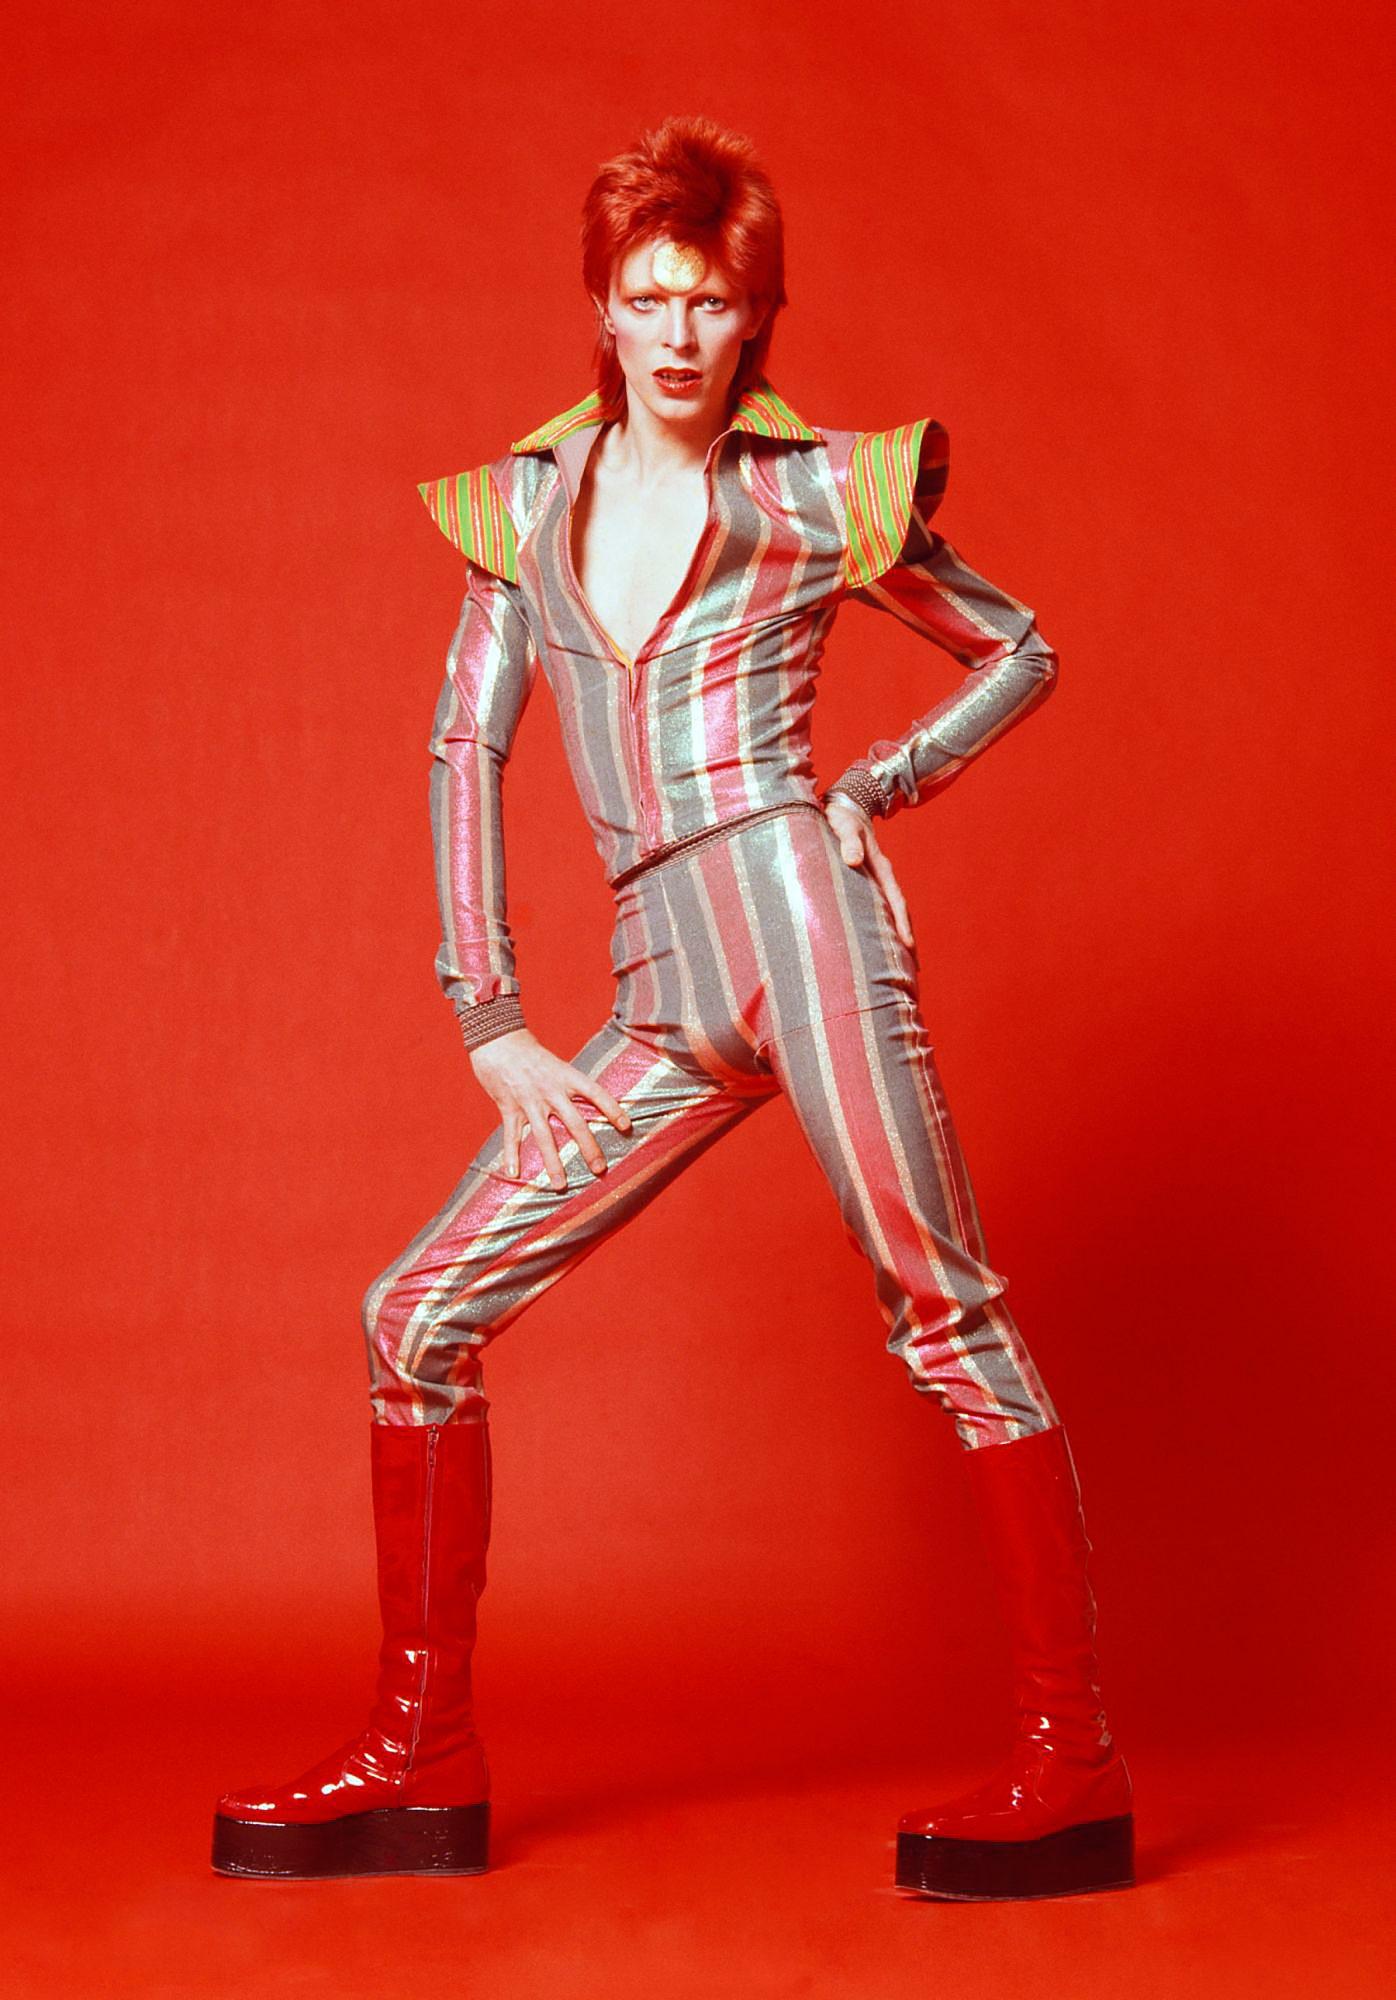 David-Bowie,-1973-by-Sukita